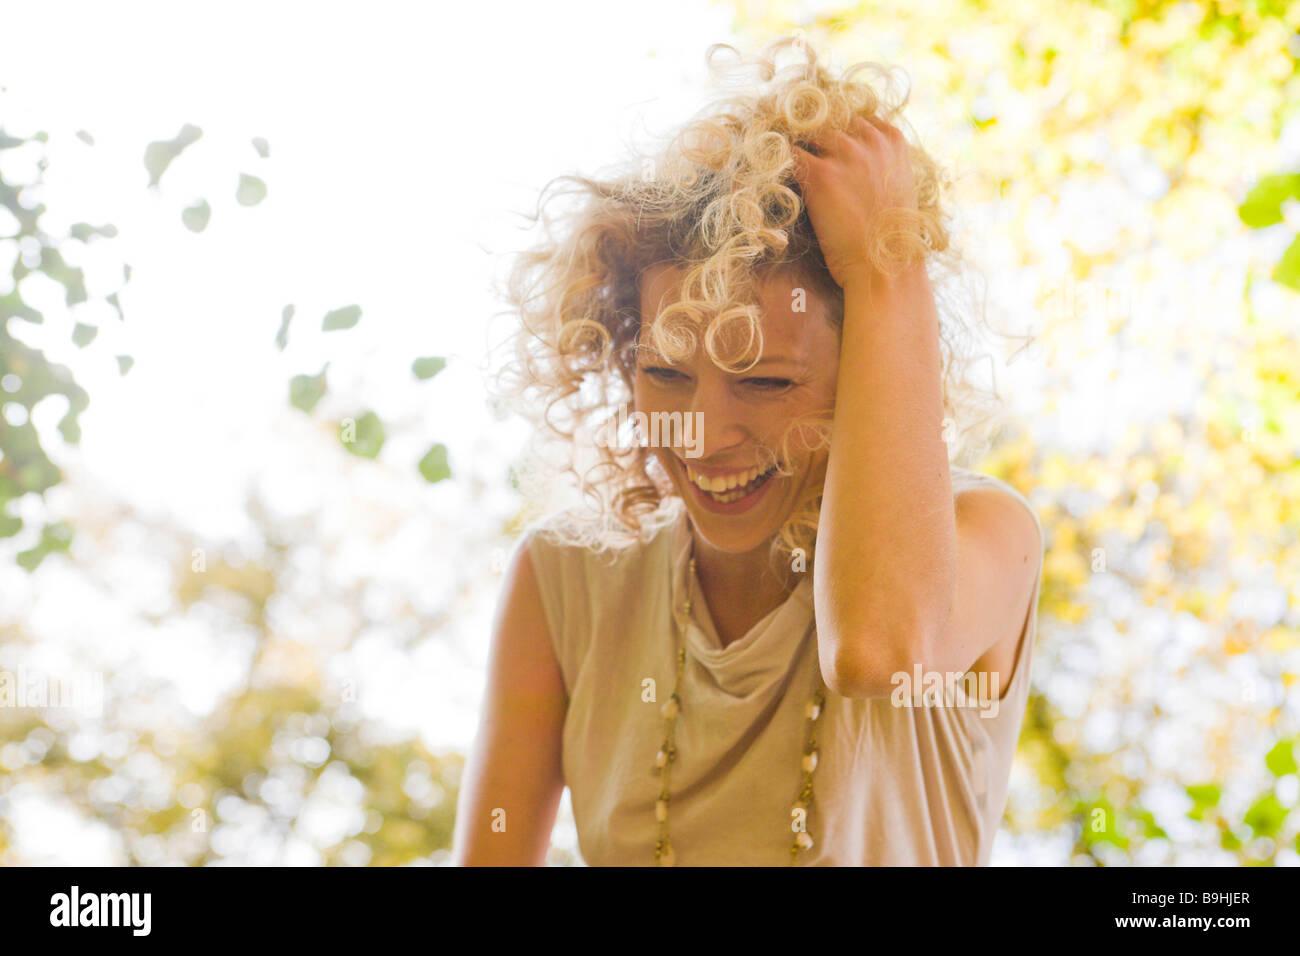 Woman laughing enjoying leisure time - Stock Image